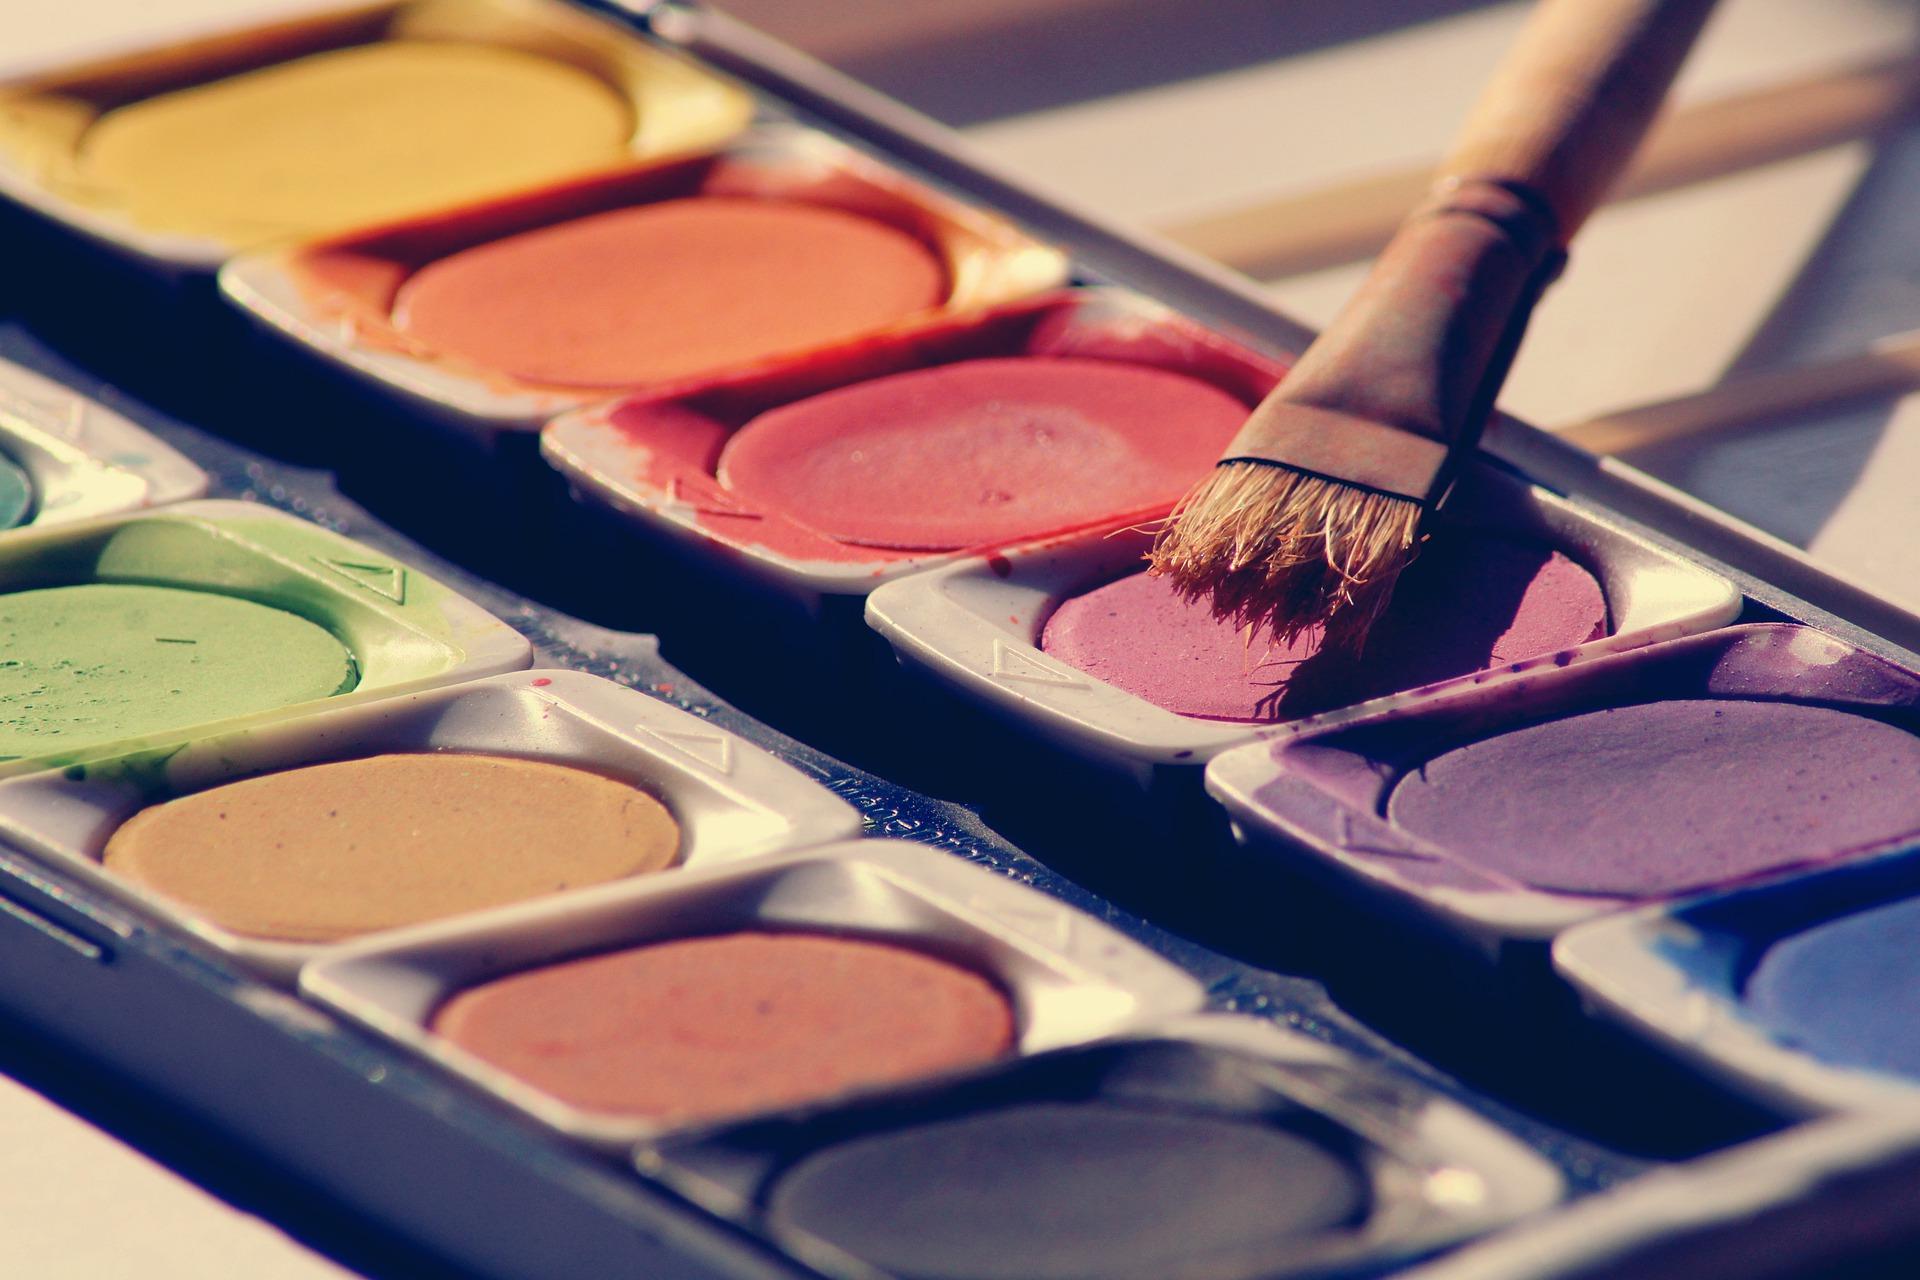 Seminarfestival Kunst - Entdecken der eigenen schöpferischen Kraft